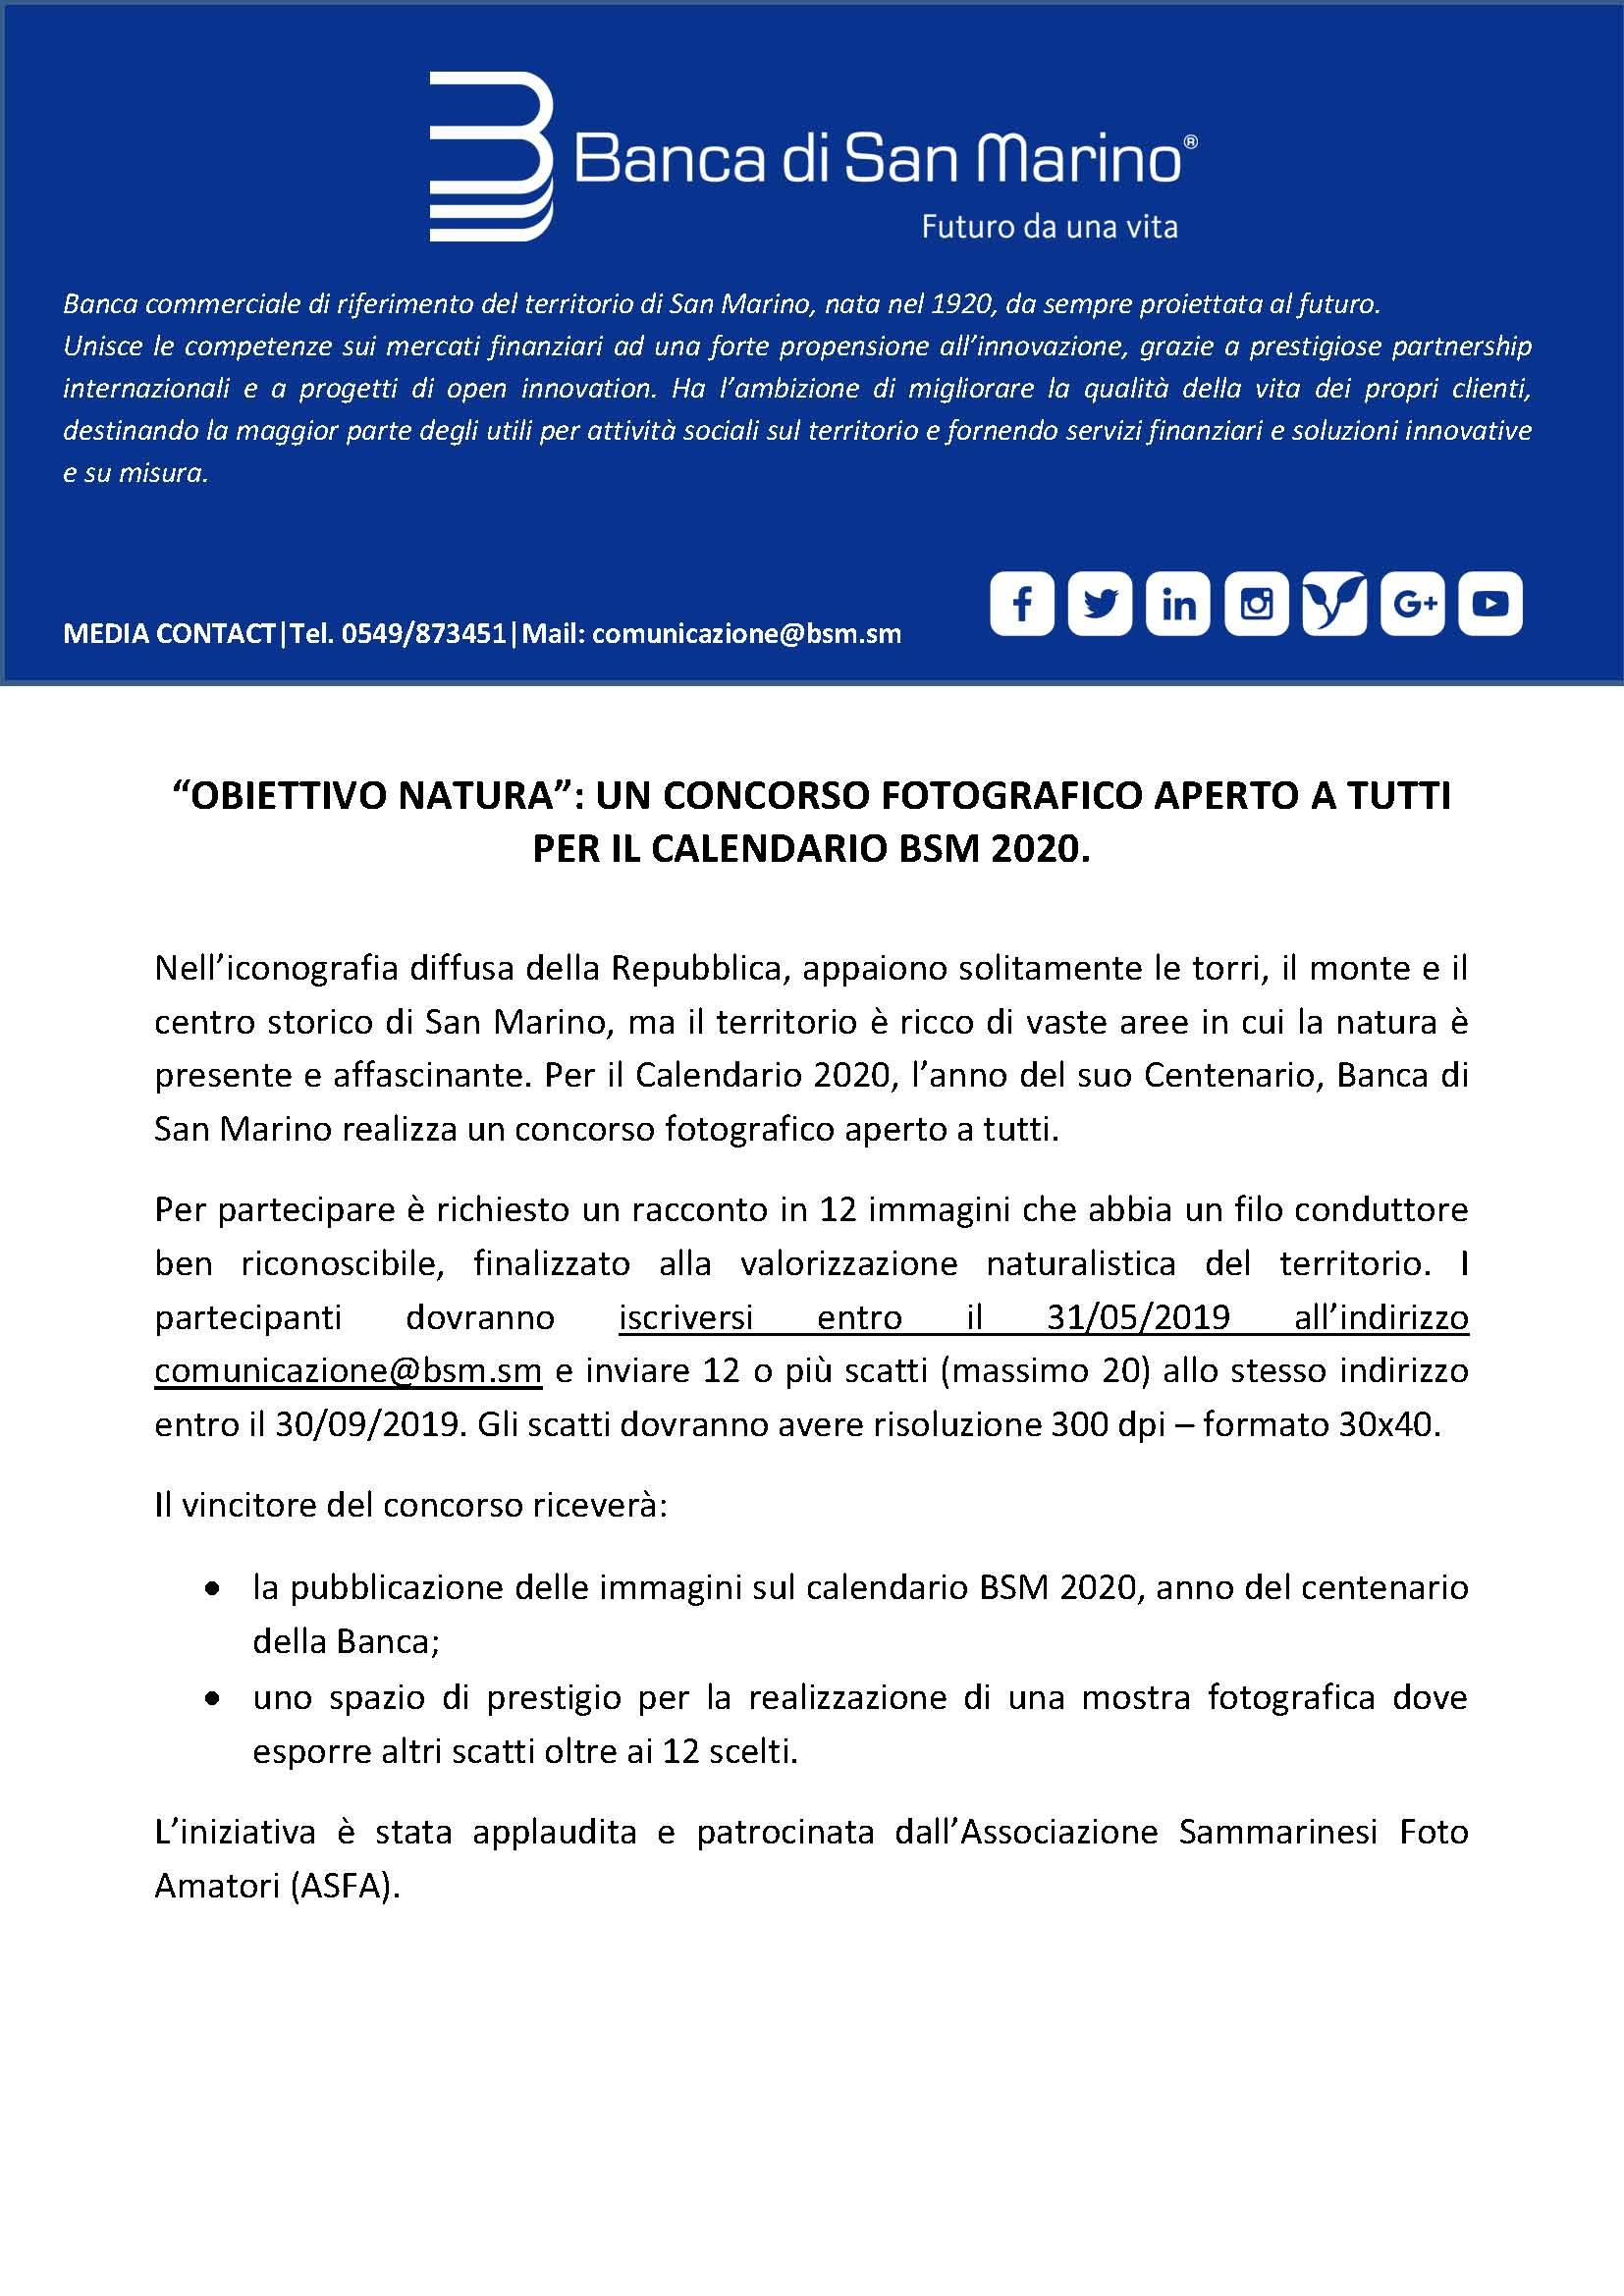 Calendario Internazionale 2020.Obiettivo Natura Un Concorso Fotografico Aperto A Tutti